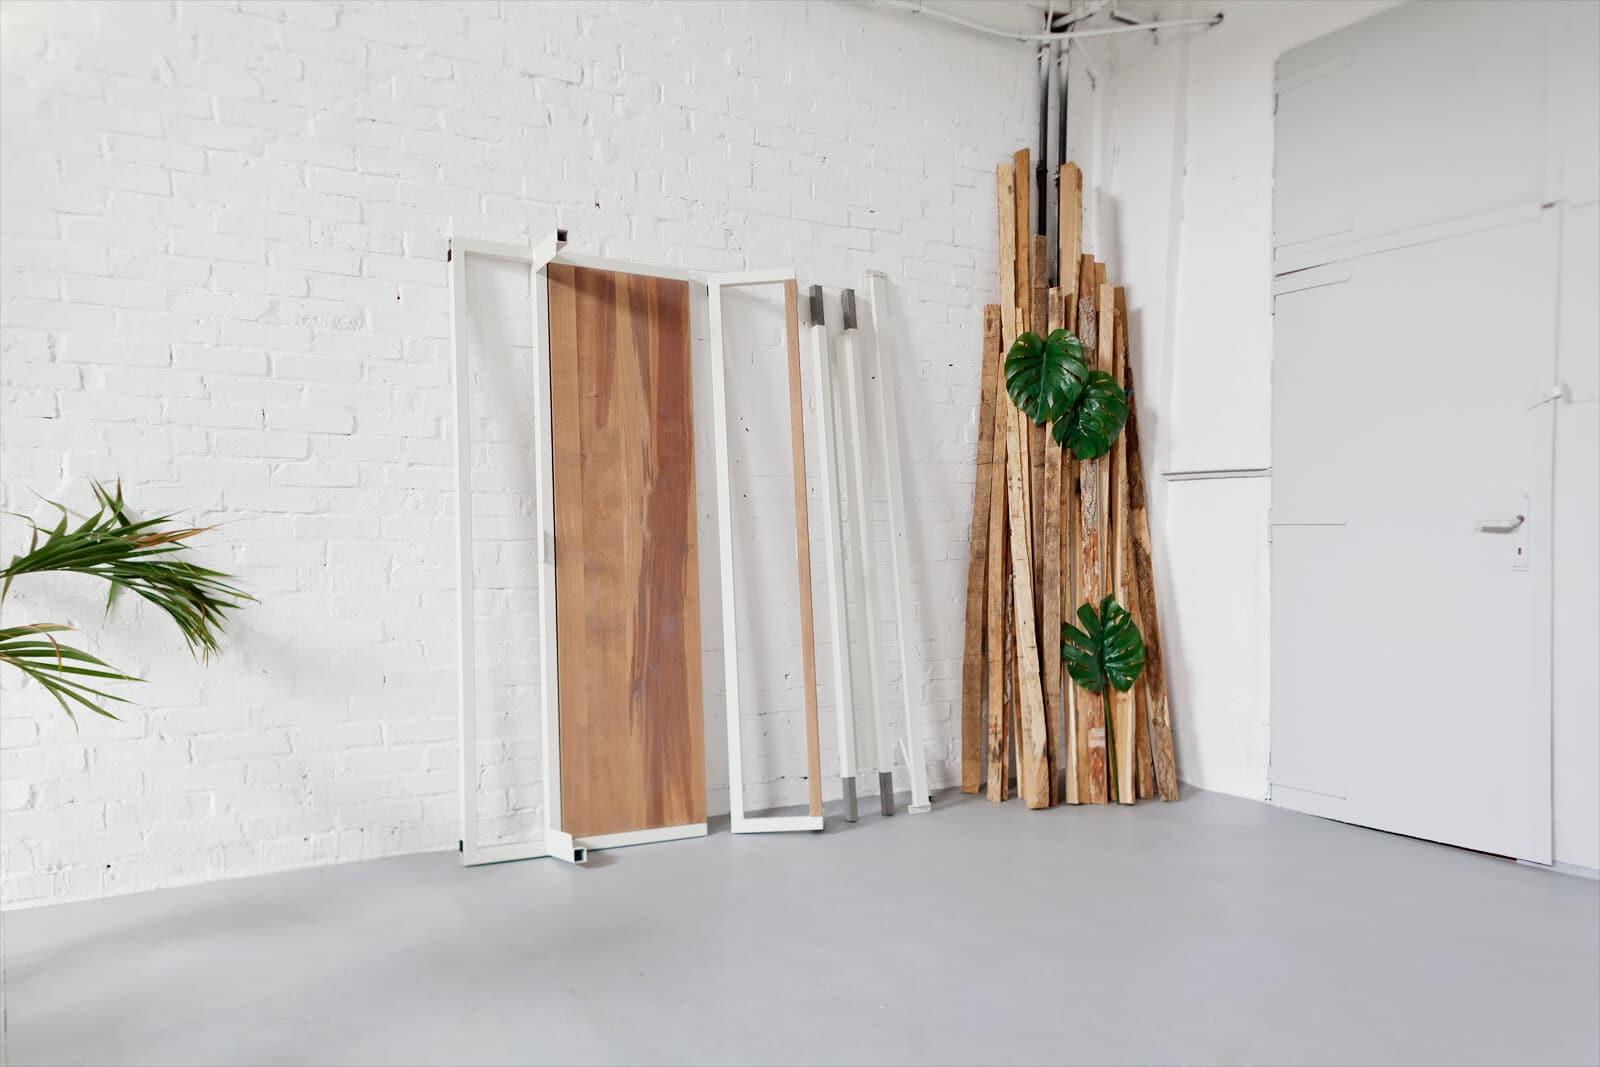 Stahl Loft Bett - Doppelbett aus Massivholz Eiche und Stahl, Designerbett von Desigern aus Dessau, Massivholzbett individuell hergestellt, Metallbett perfekt für das Schlafzimmer